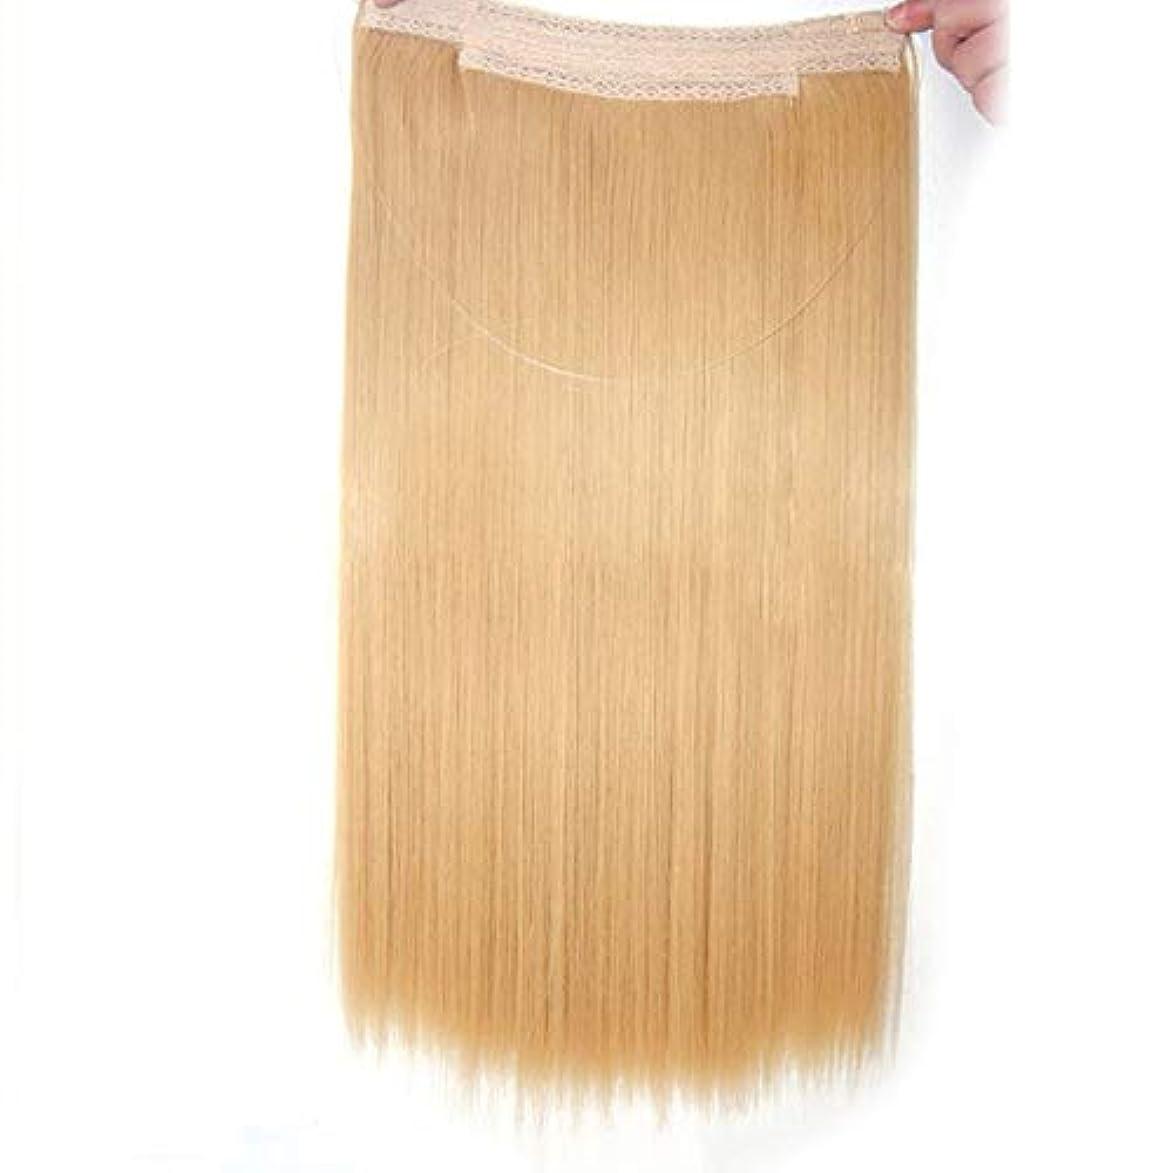 マーティンルーサーキングジュニア債務マーティンルーサーキングジュニアWASAIO 女性のためのストレート延長ロングかつらブロンドブラウン色のヘアエクステンションクリップのシームレスな髪型隠しワイヤー (色 : Blonde, サイズ : 10 inch)